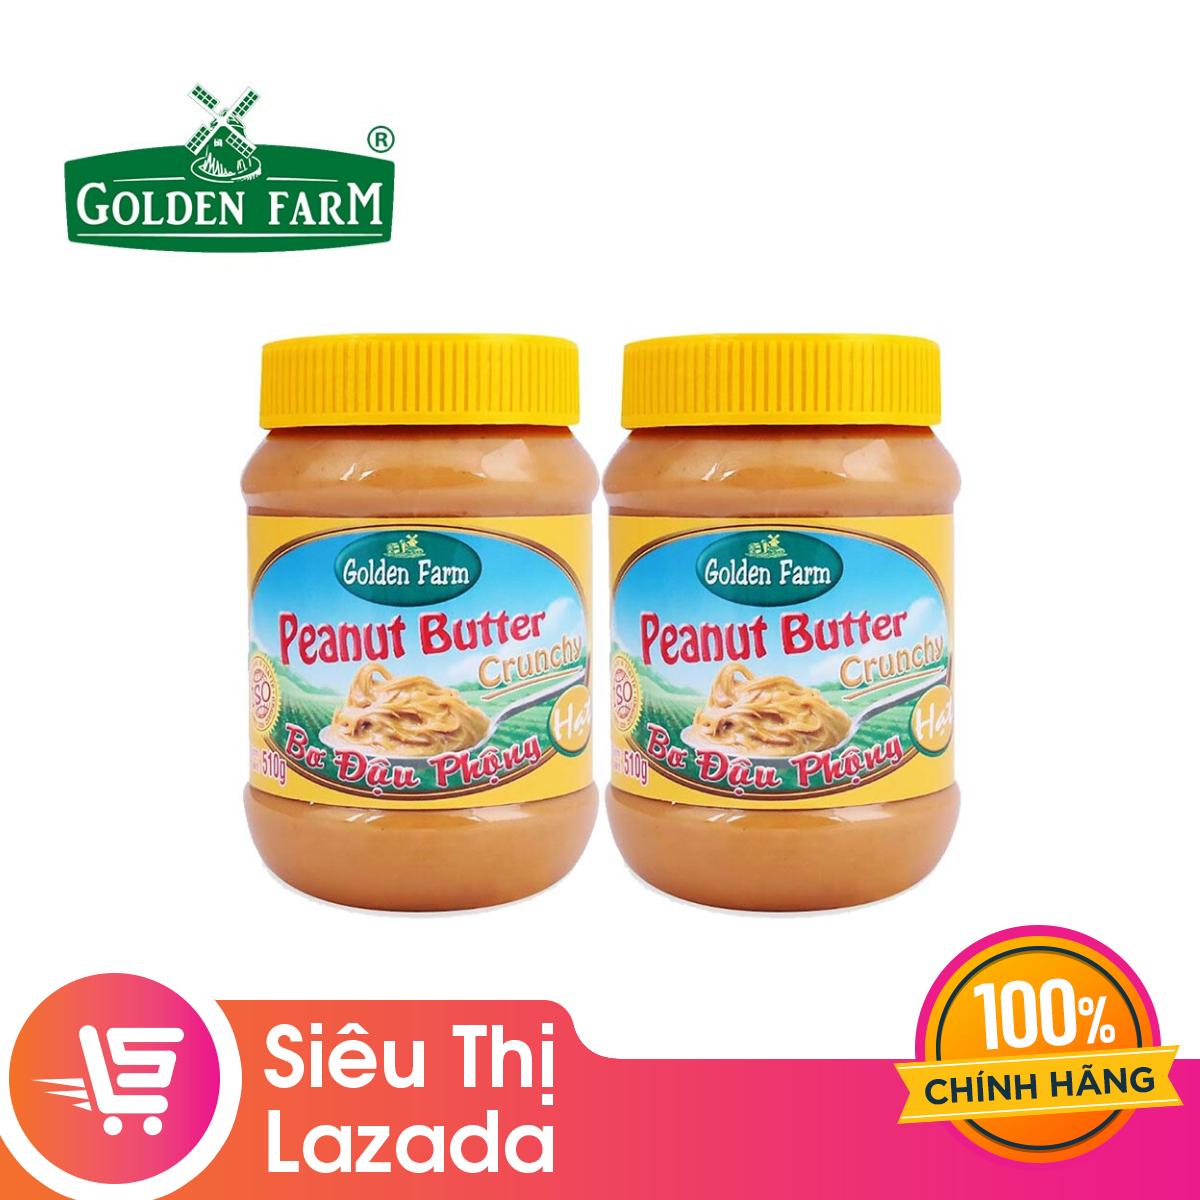 [Siêu thị Lazada] Combo 2 Hộp Bơ Đậu Phộng Hạt Golden Farm 510G (2 hộp x 510g) – nguyên liệu tự nhiên không chứa hóa chất an toàn vệ sinh thực phẩm